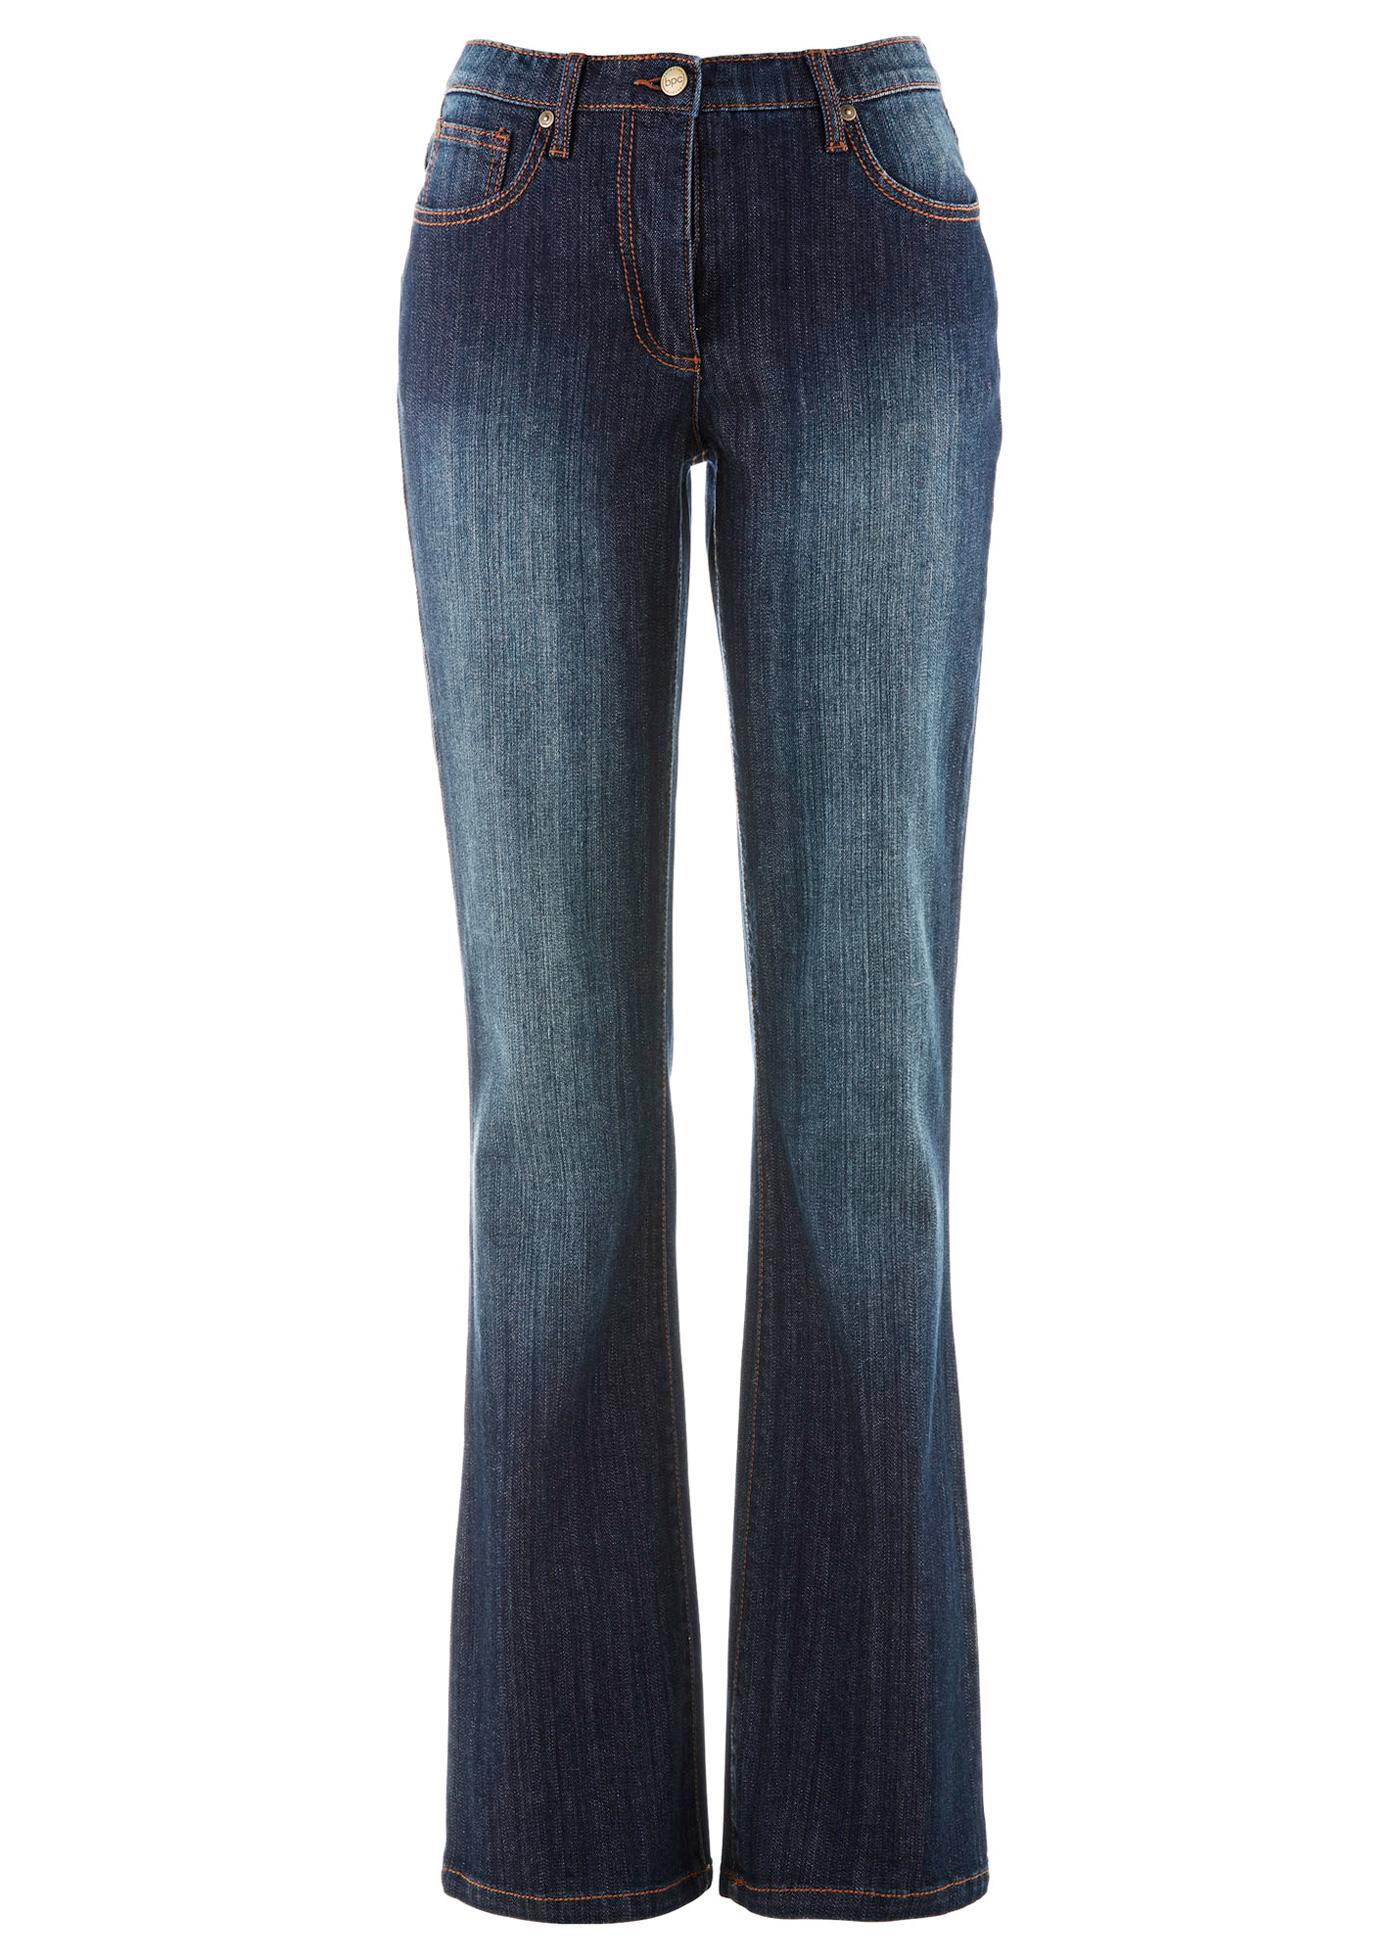 bpc bonprix collection Stretchjeans, Bootcut, weite Hüfte in blau für Damen von bonprix Damenmode > Damenbekleidung > Jeans > lange Jeans